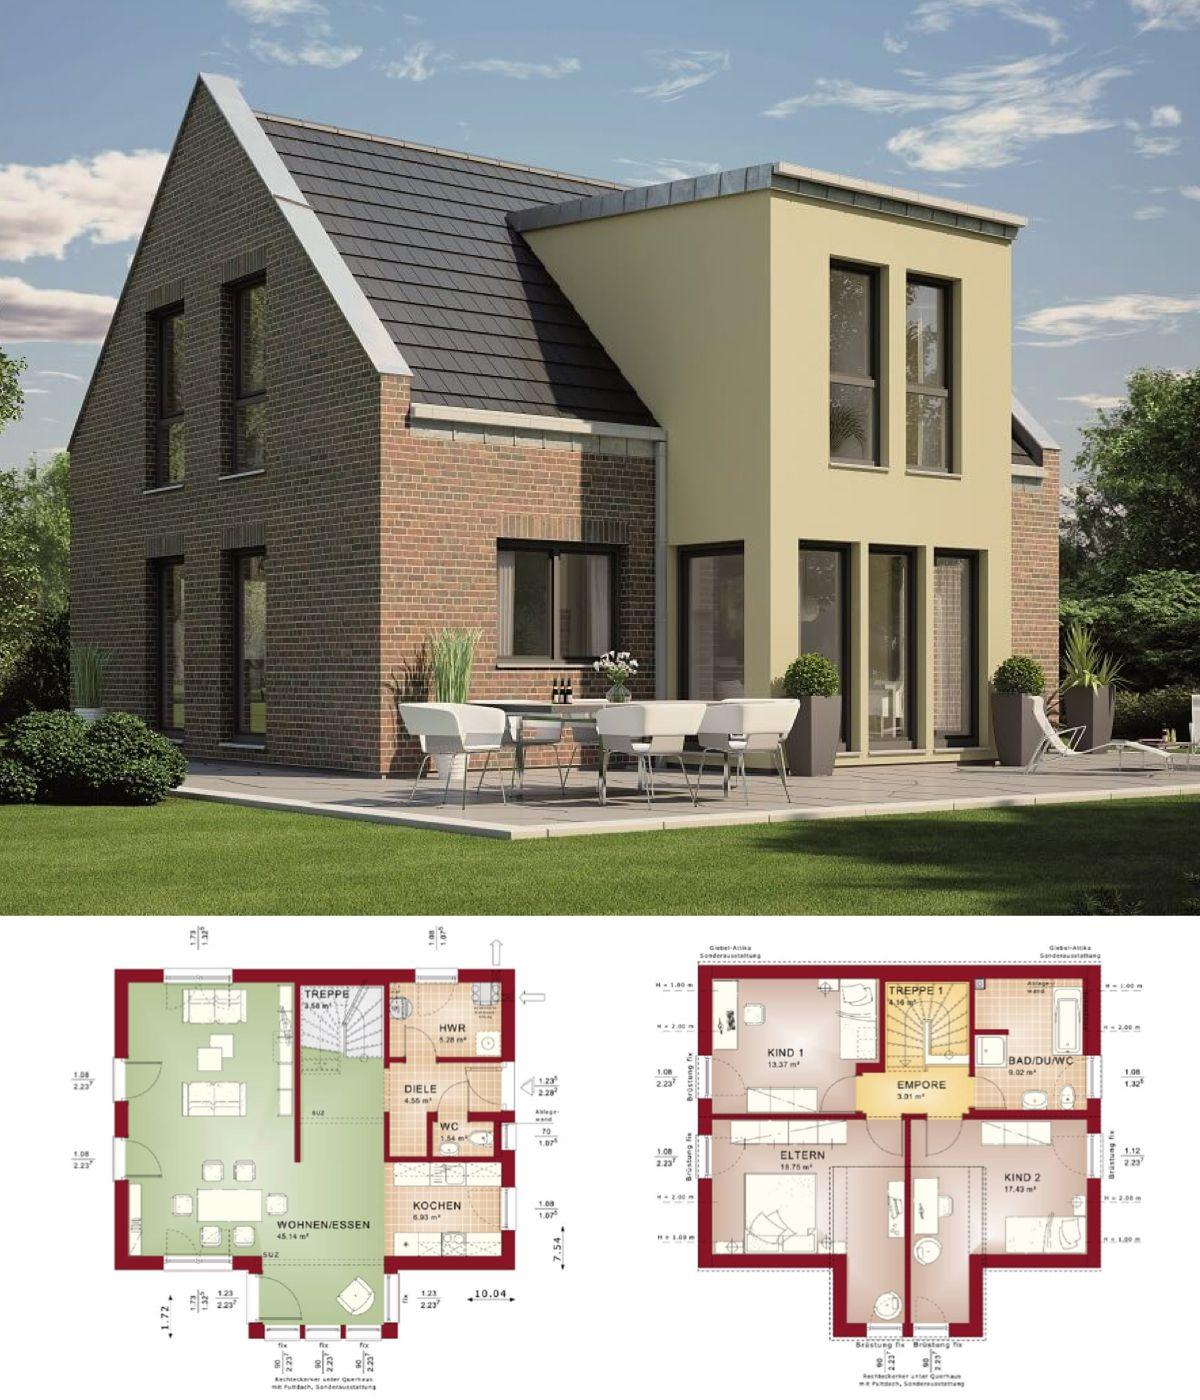 Einfamilienhaus modern mit Klinker Fassade & Satteldach Architektur ...